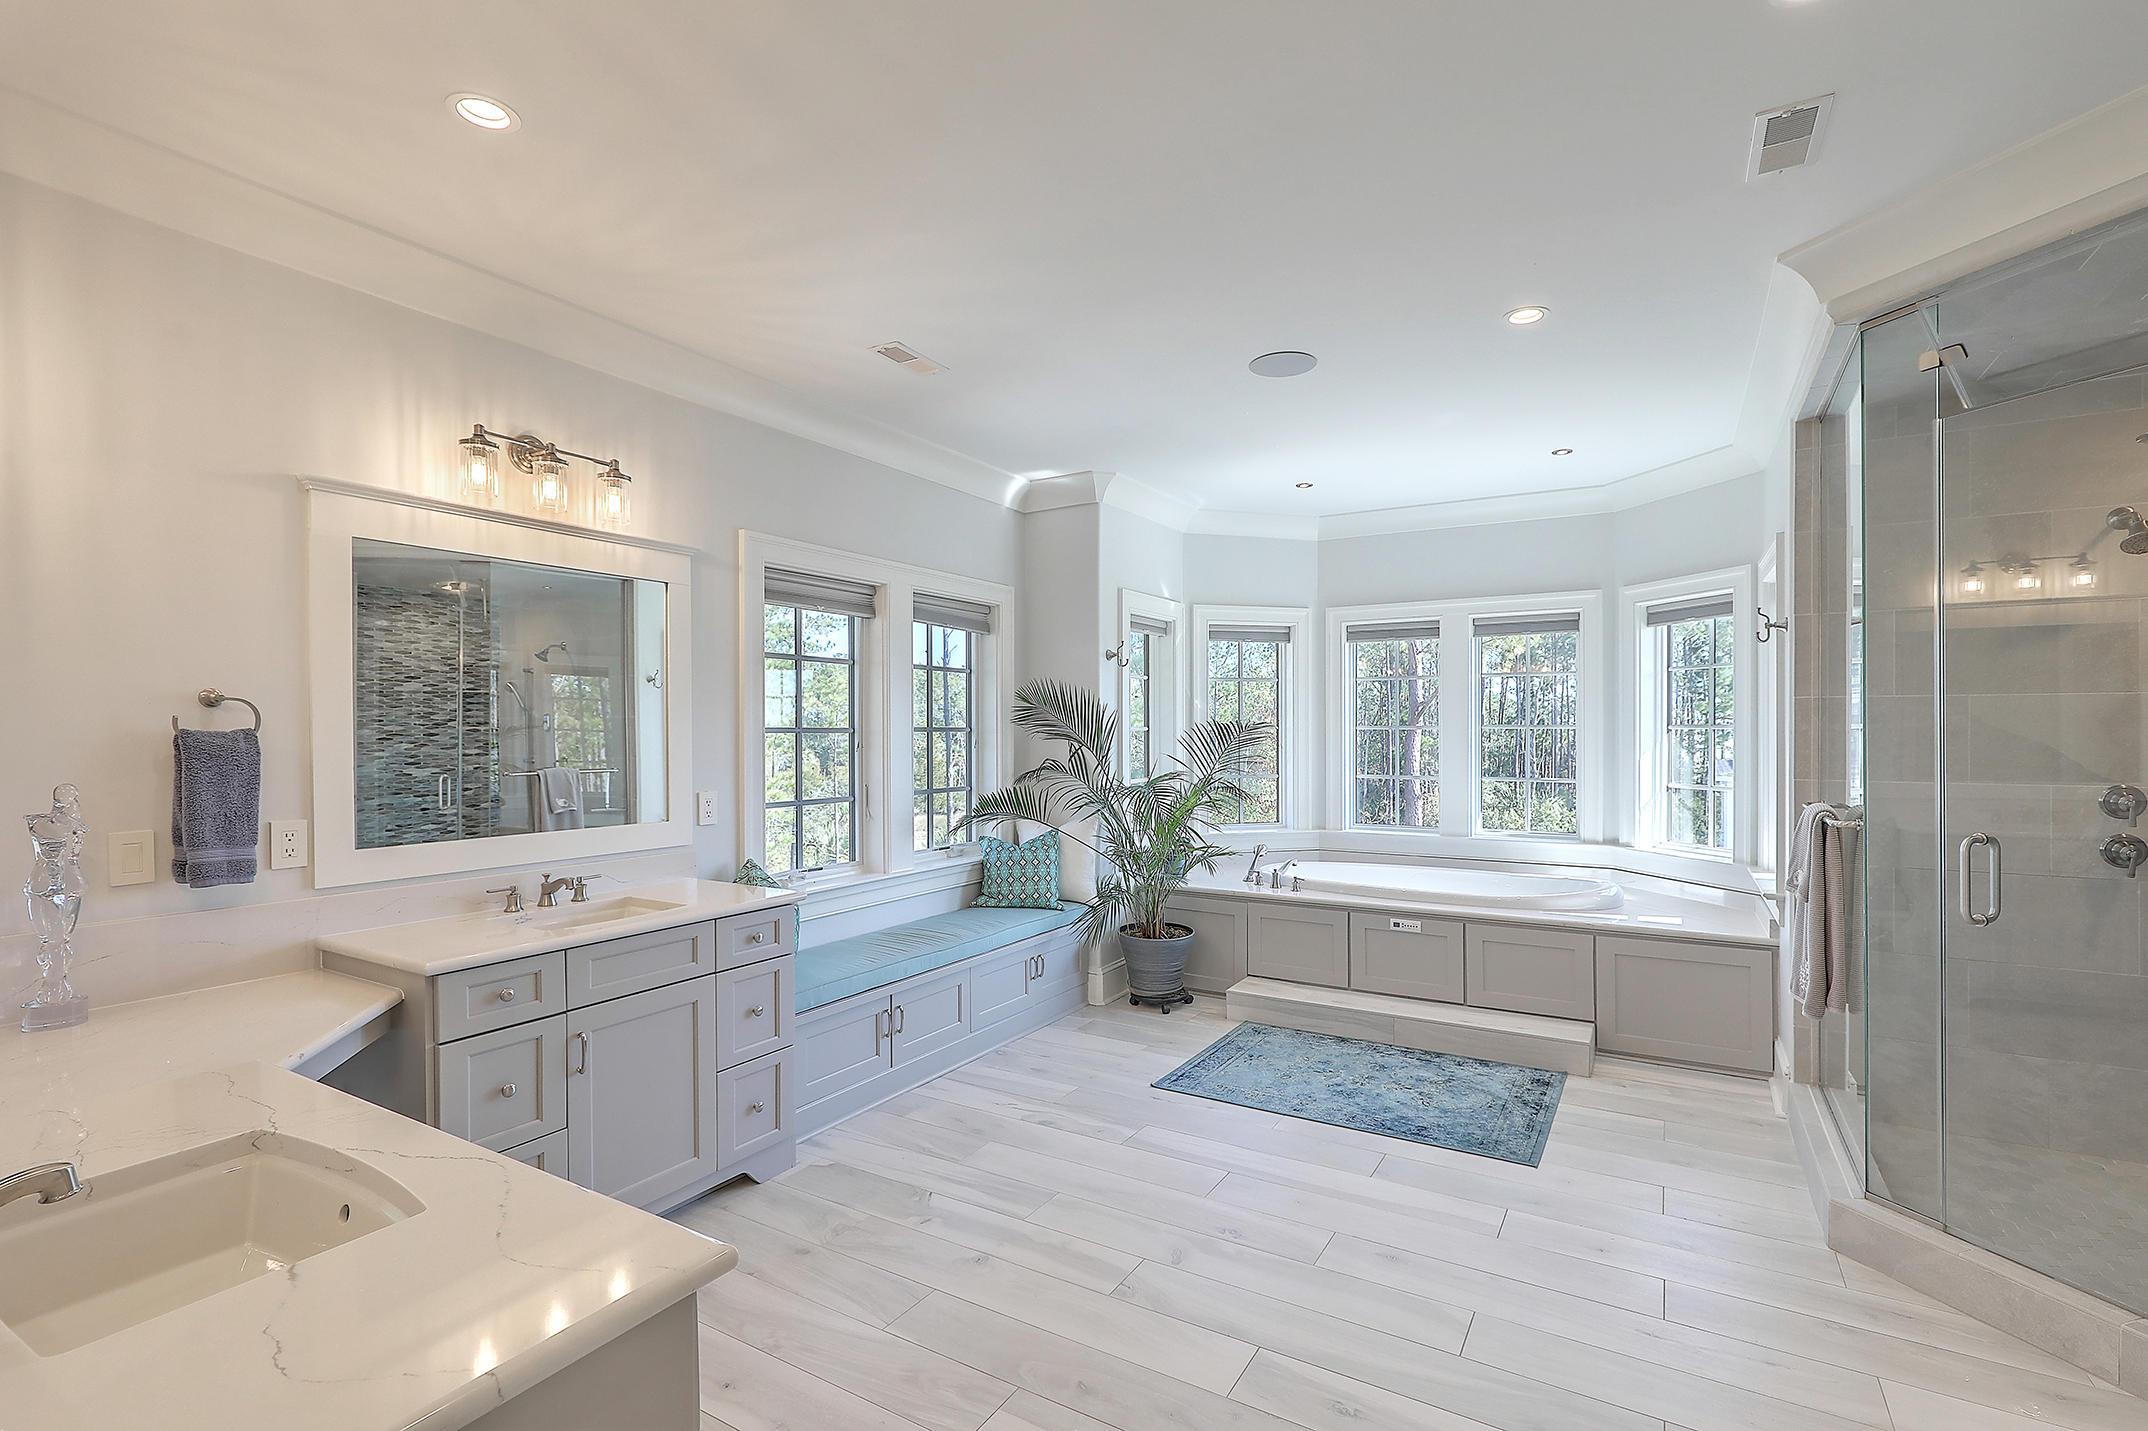 Park West Homes For Sale - 3905 Ashton Shore, Mount Pleasant, SC - 52